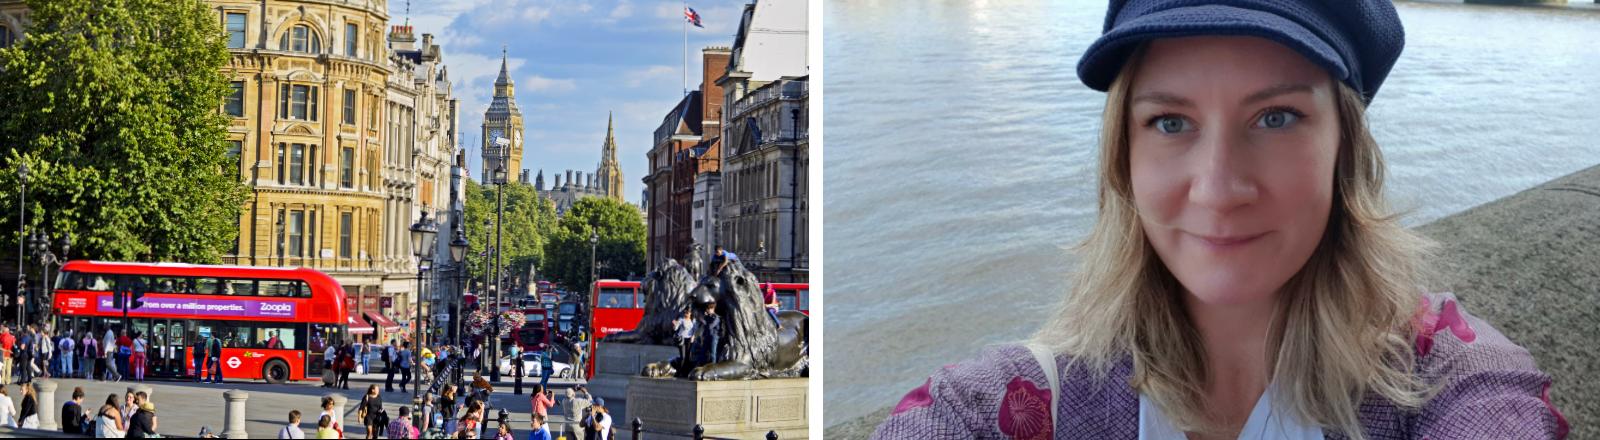 Am Trafalgar Square in London sieht man im Hintergrund den Big Ben.